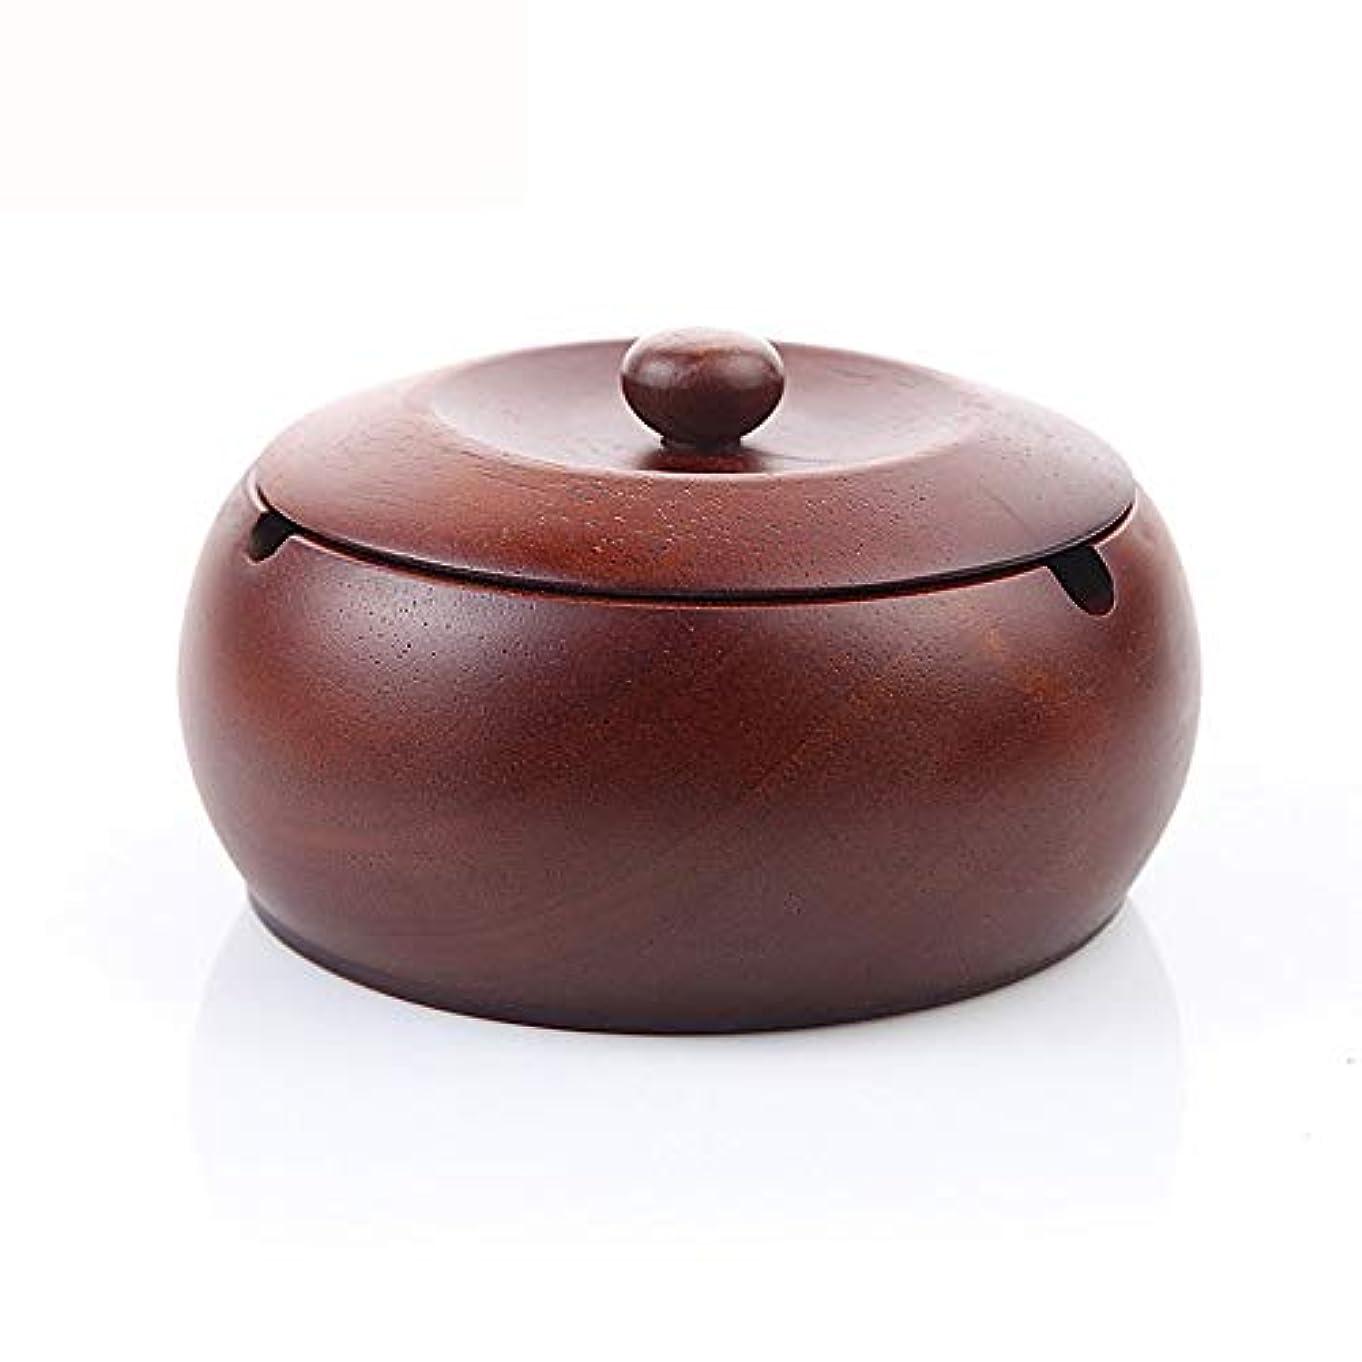 ダッシュ啓発する戻るふたが付いている円形の元の木のタバコの灰皿屋外および屋内灰皿 (色 : 褐色)